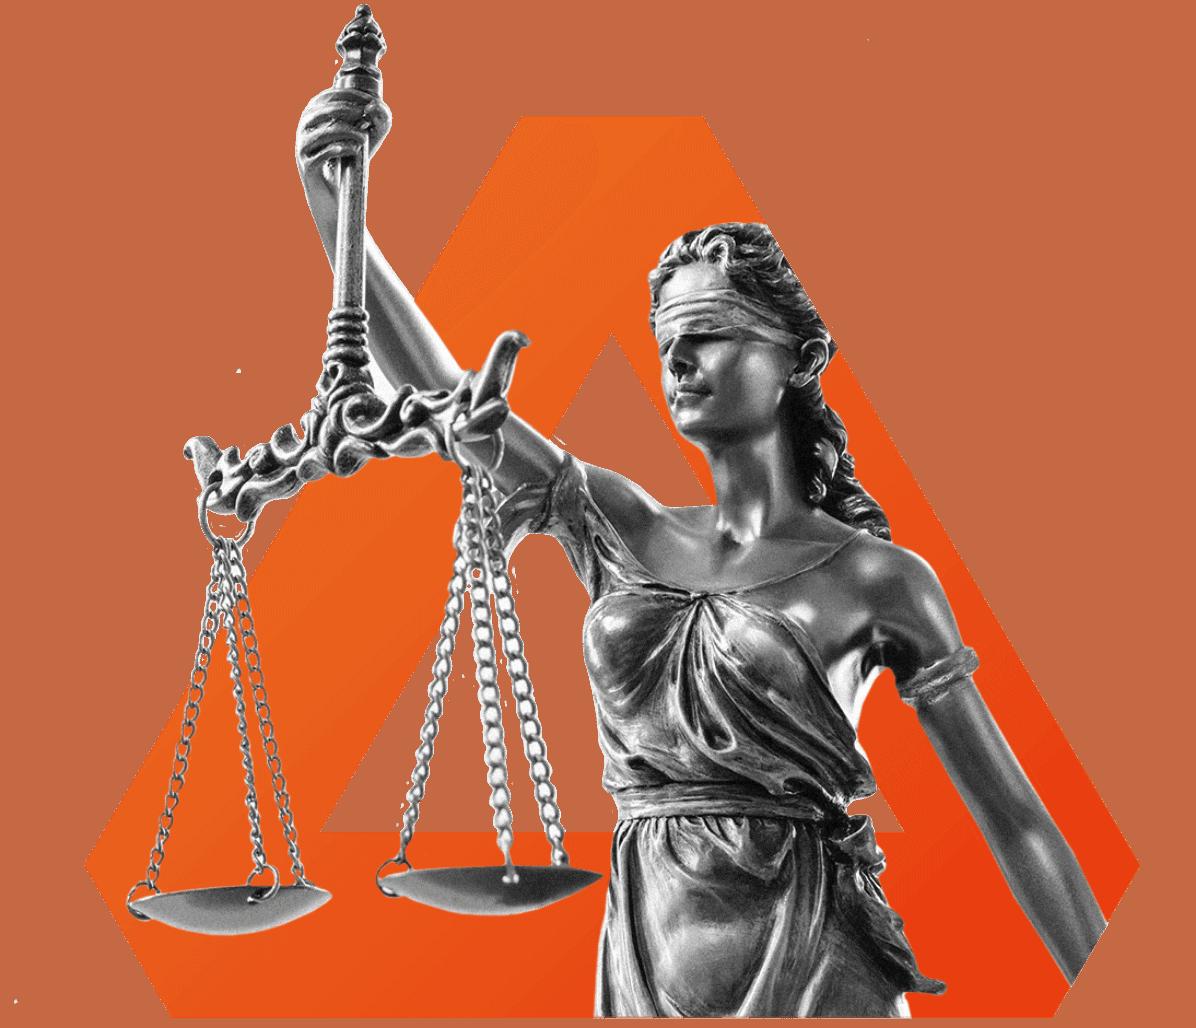 Building your case